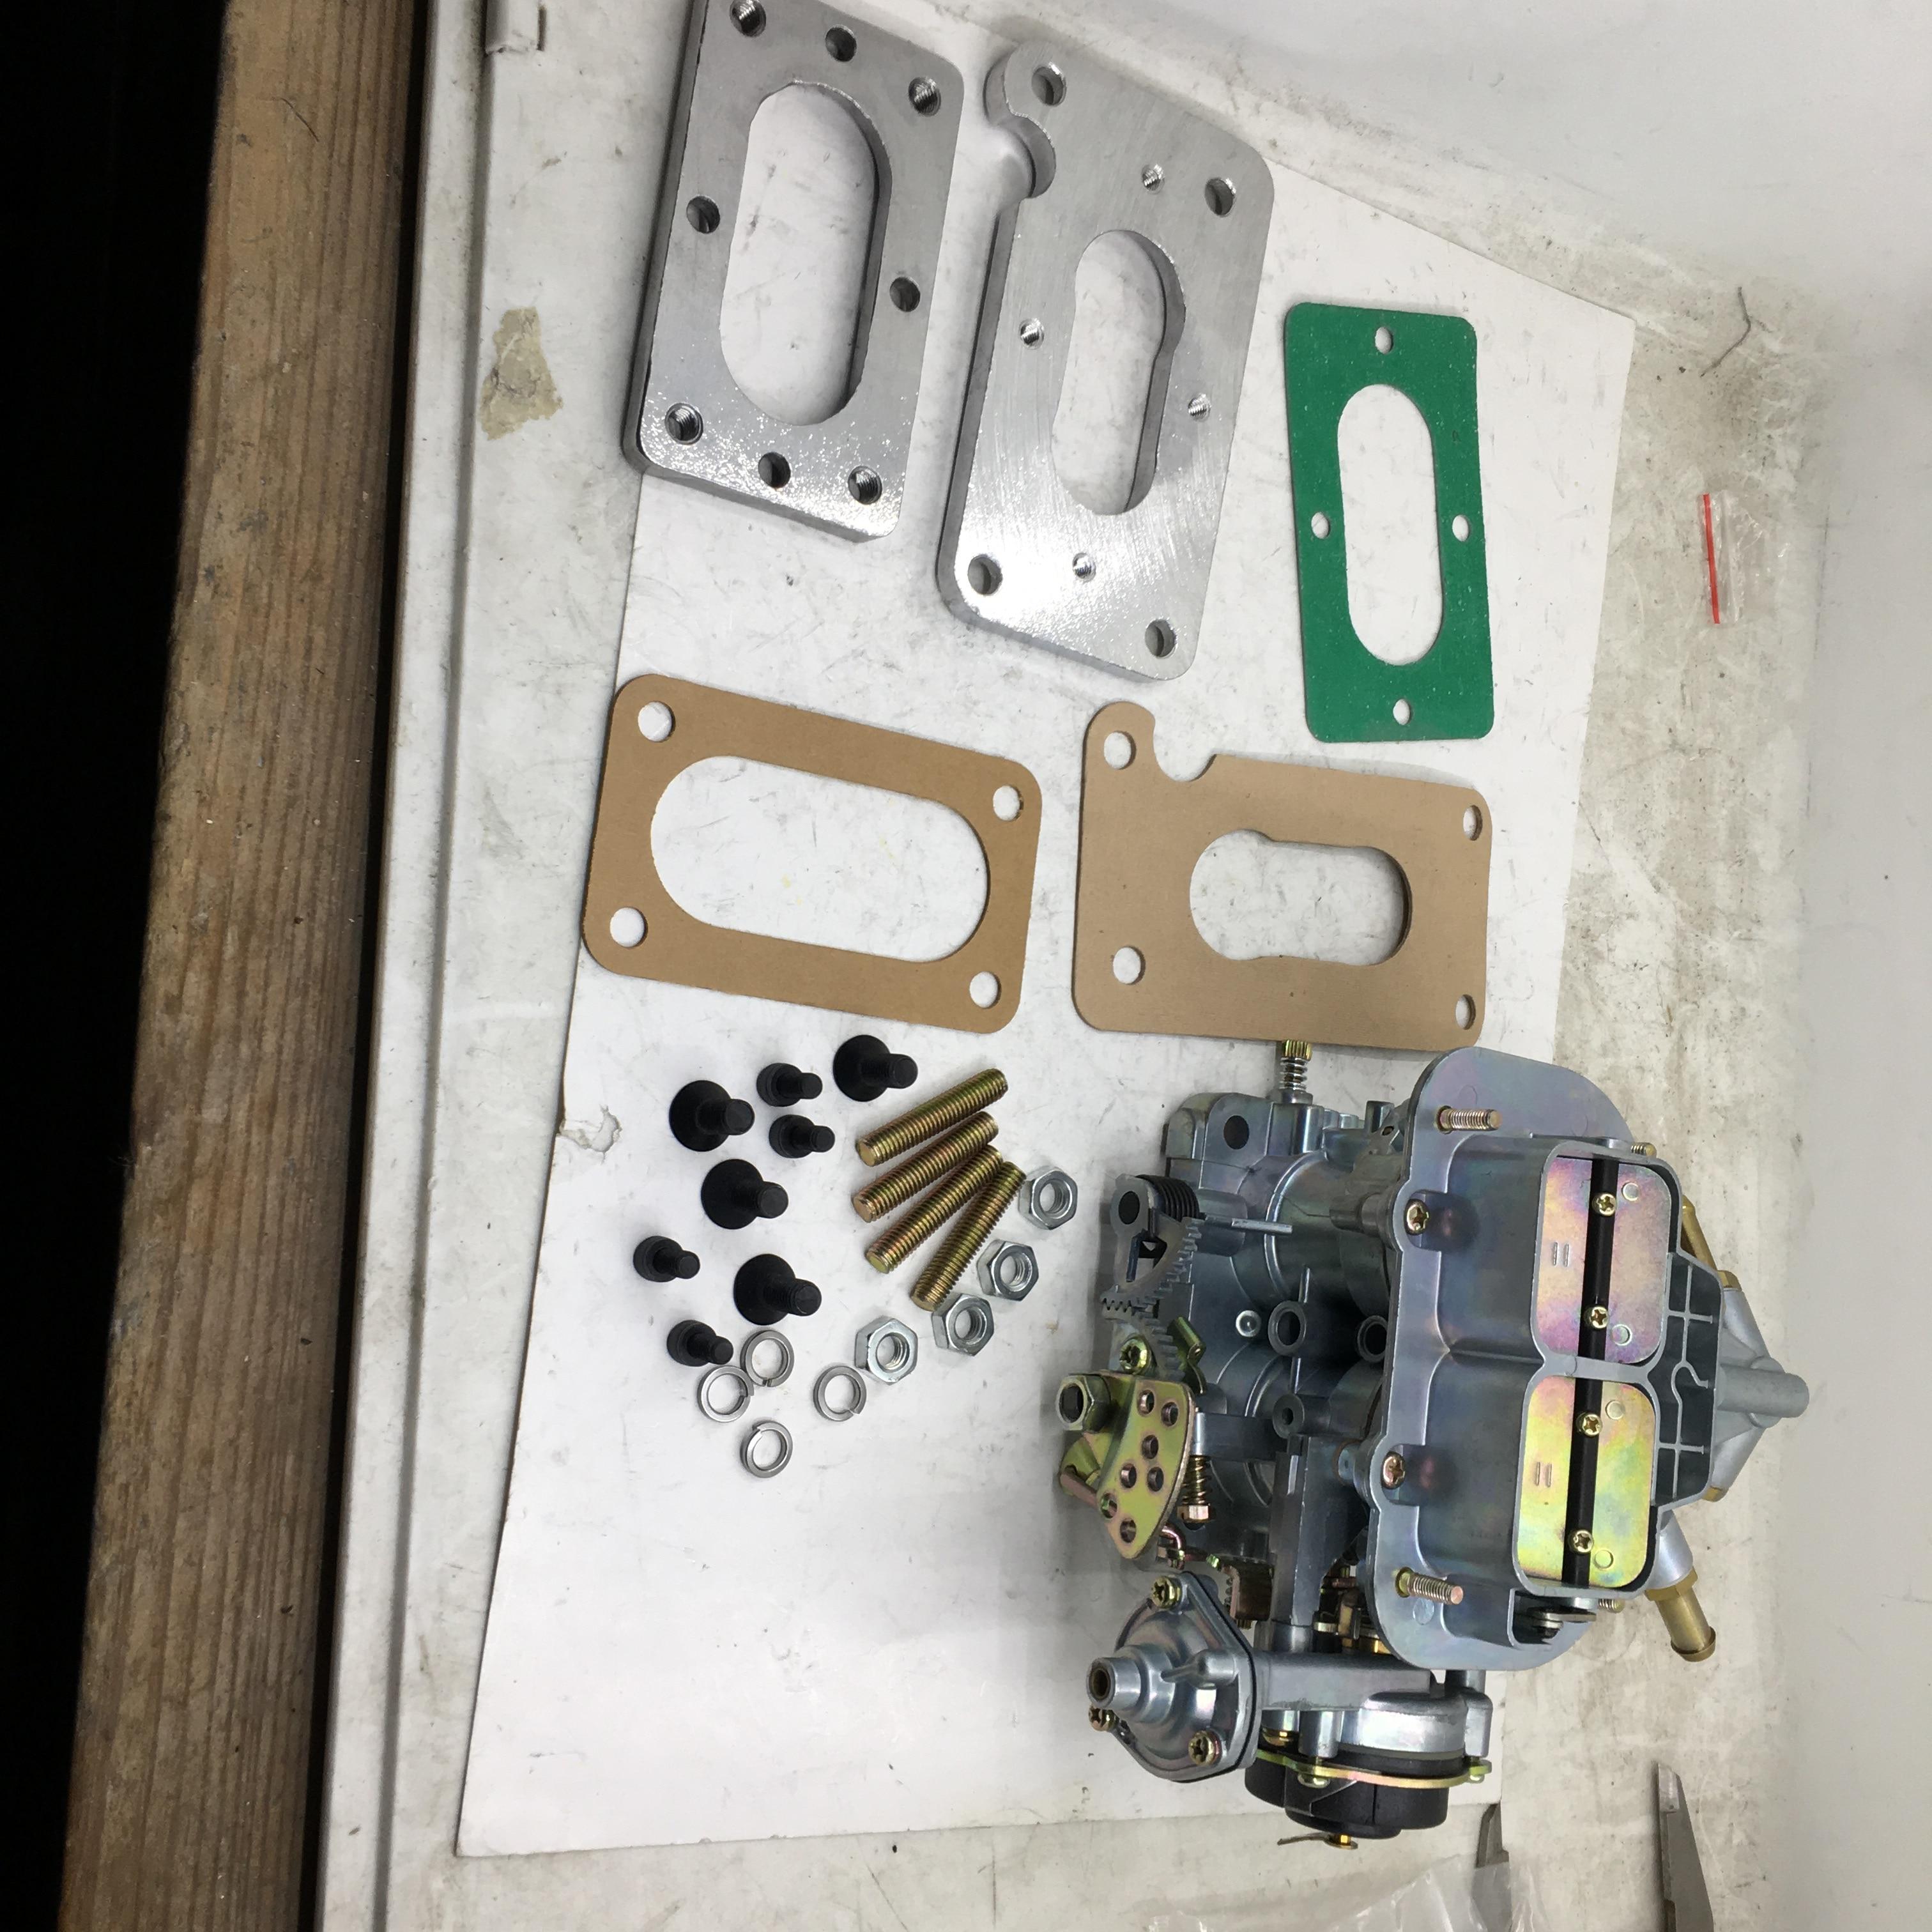 New Blower Motor Resistor for Mazda B2000 1986-1993